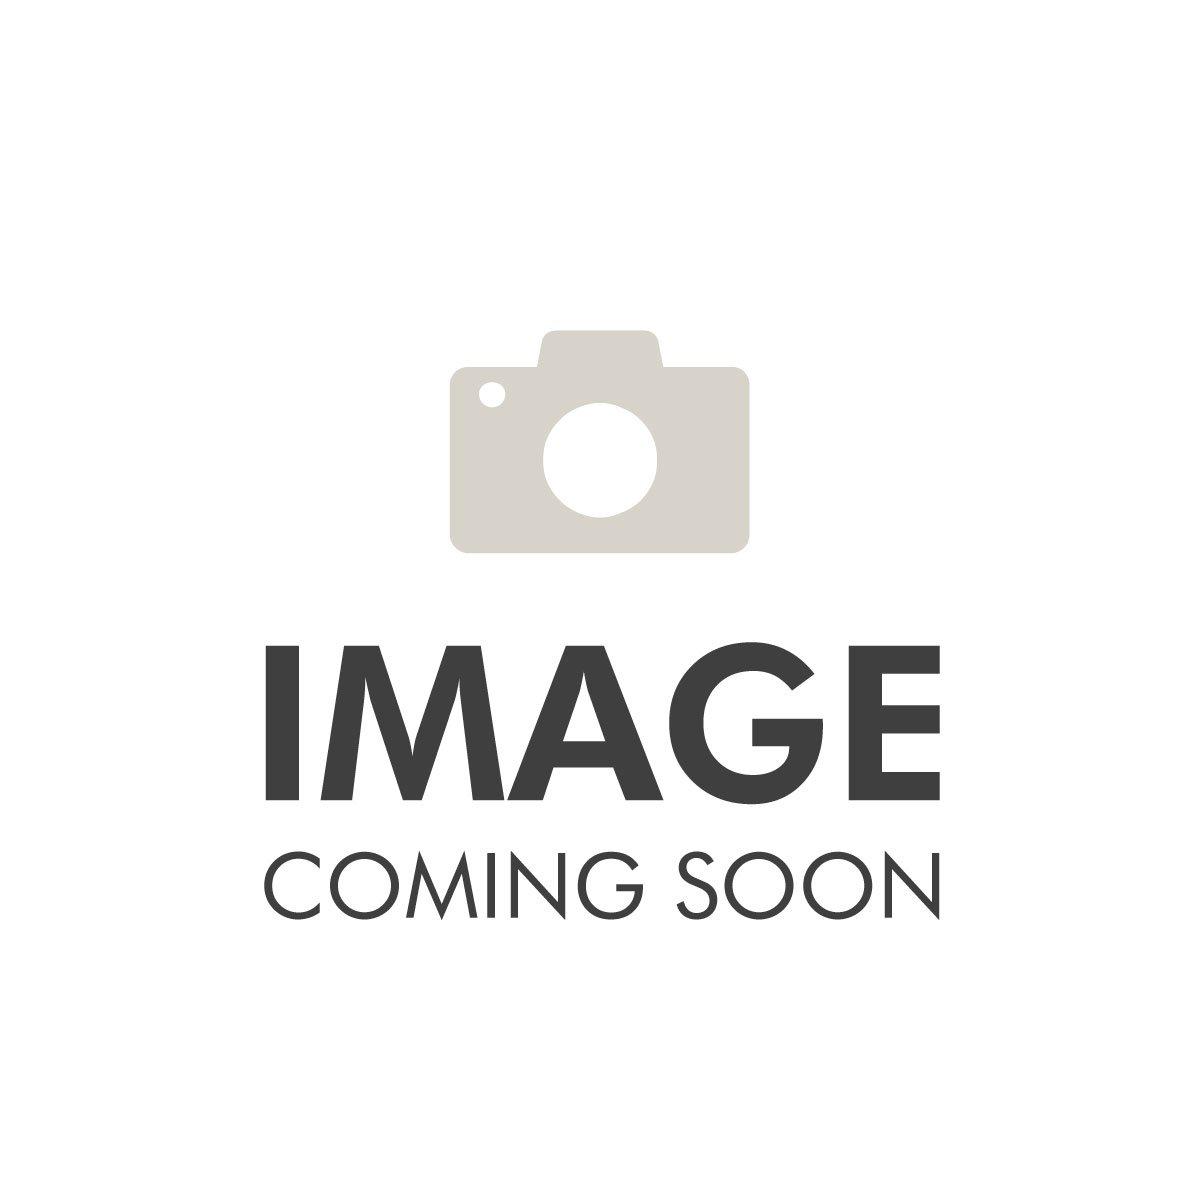 Leon Paul - Masque de fleuret X-Change FIE - Classique